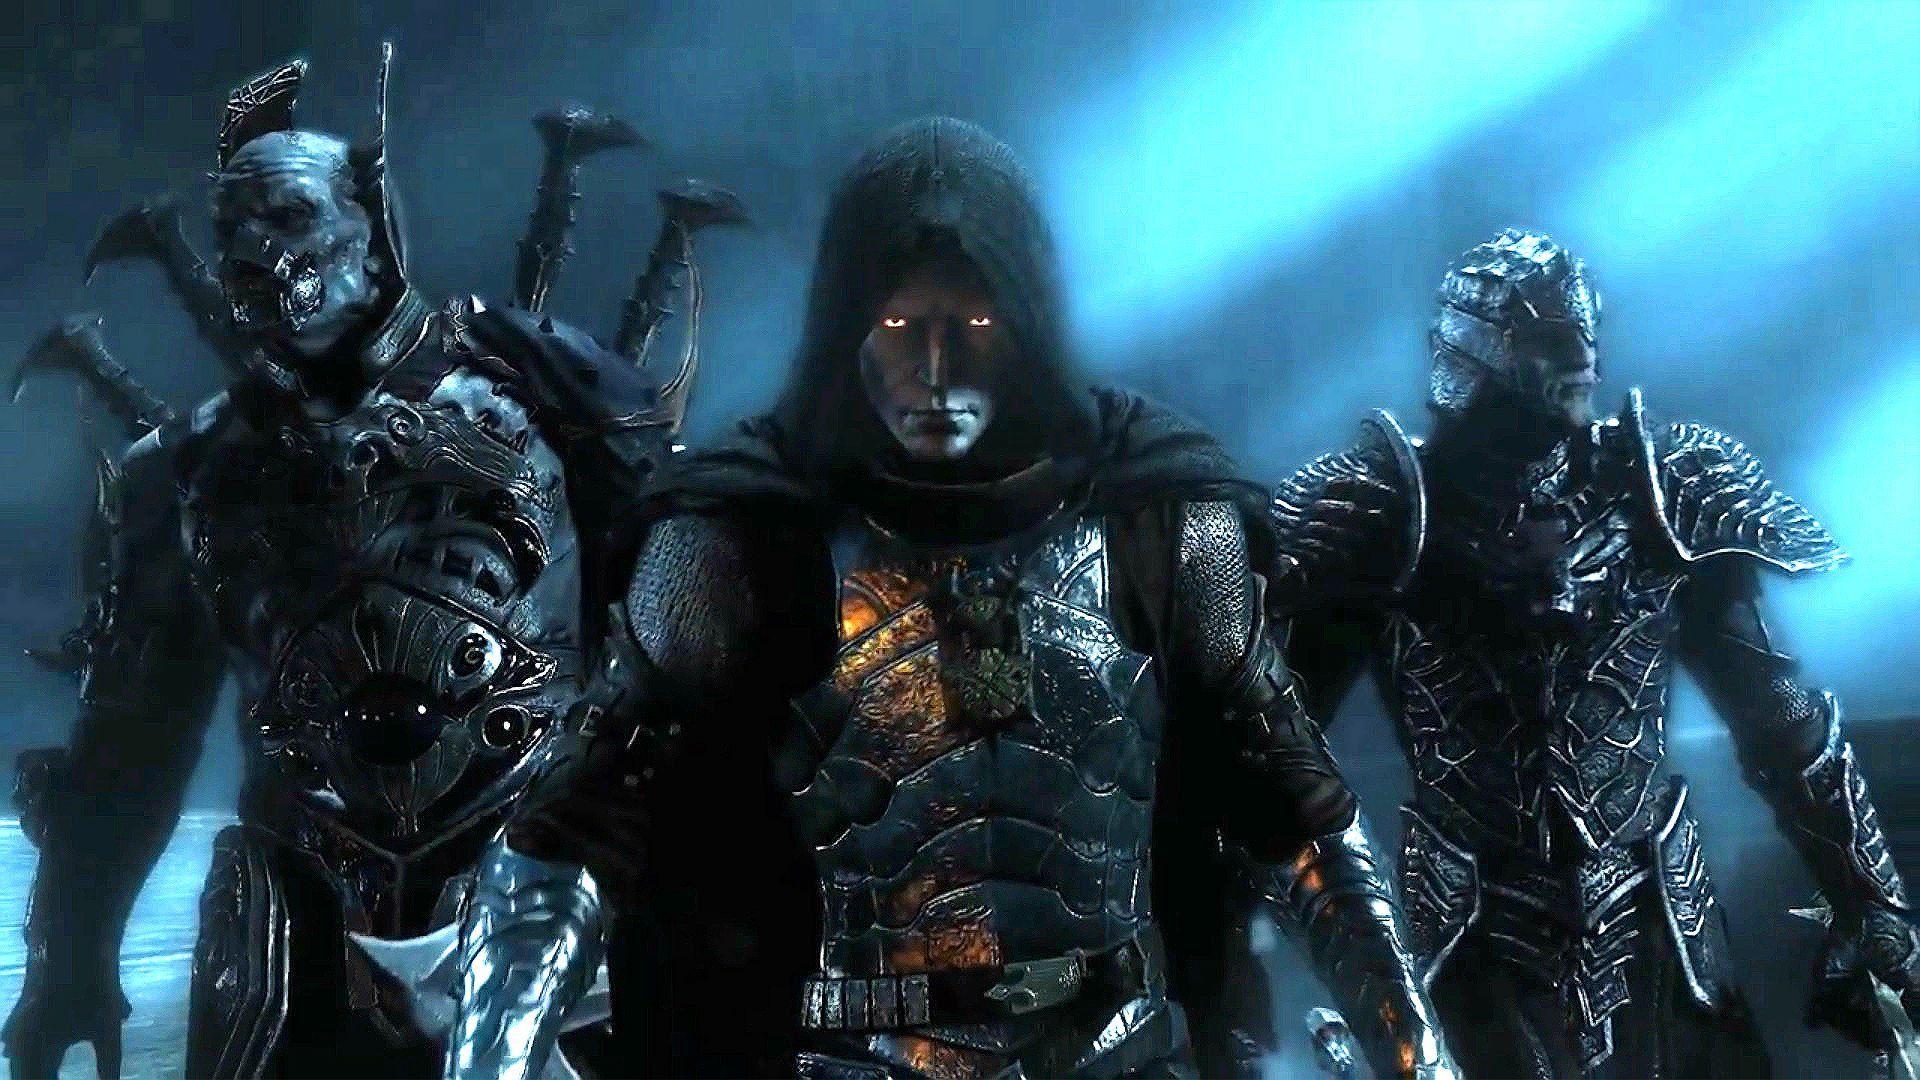 Shadow Of Mordor Wallpaper: MIDDLE EARTH SHADOW MORDOR Fantasy Adventure Action Lotr